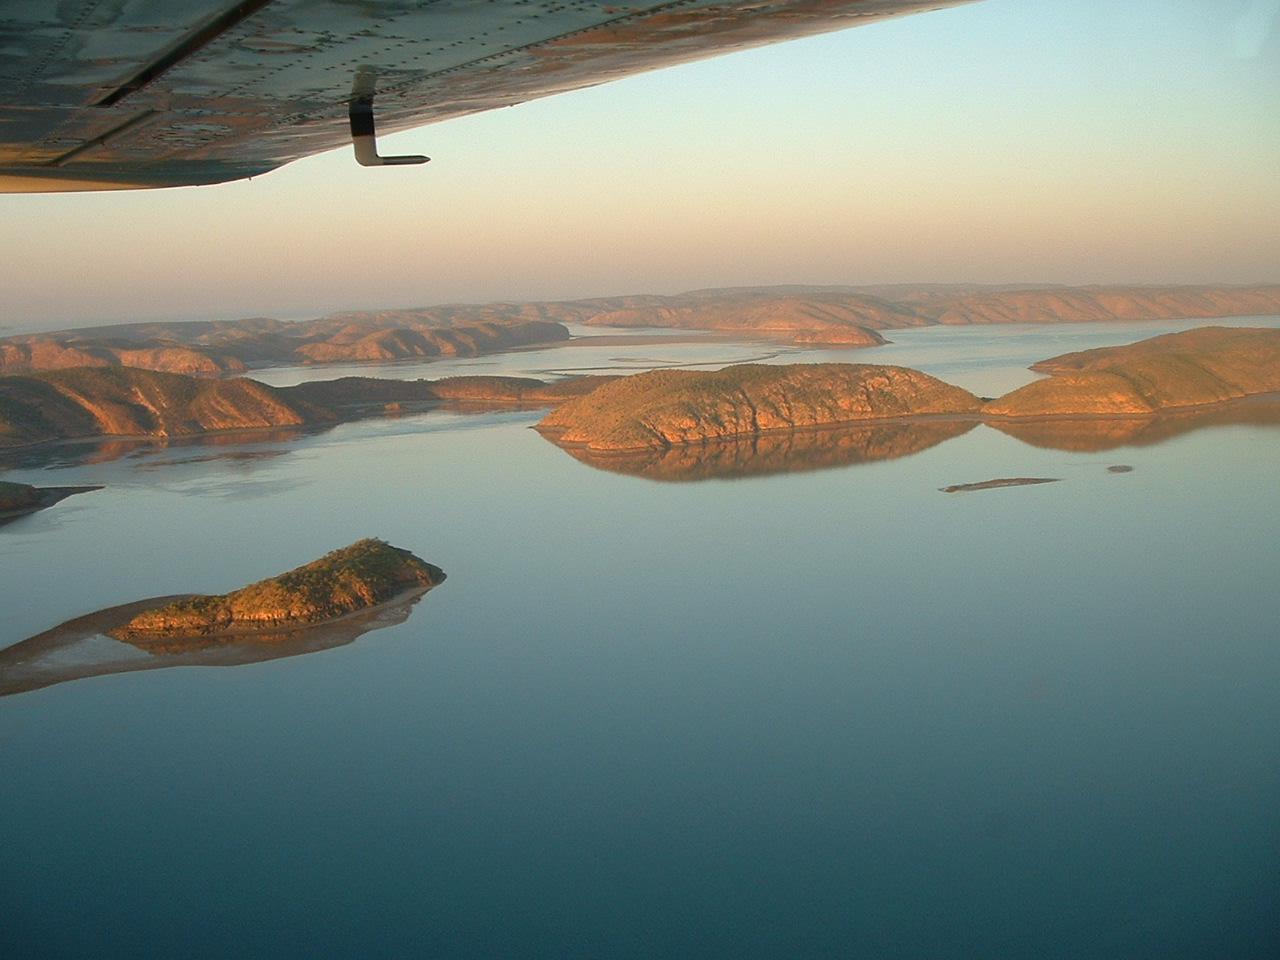 Bucaneer Archipelago near Derby